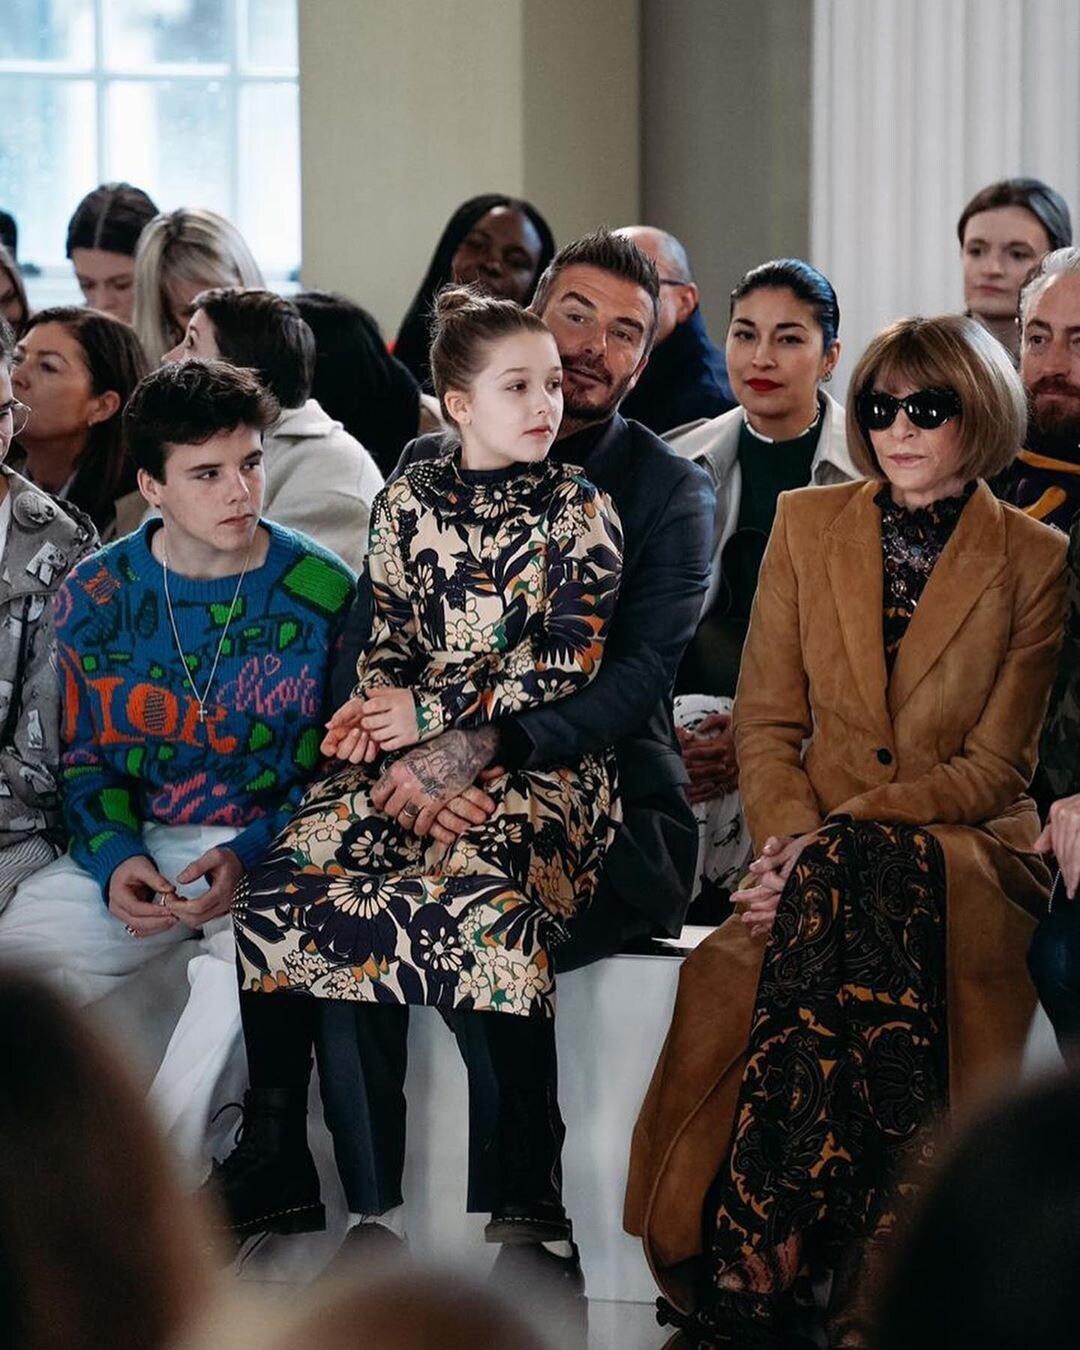 Tiểu công chúa nhà Beckham 'gây sốt' ở Tuần lễ thời trang London Ảnh 3